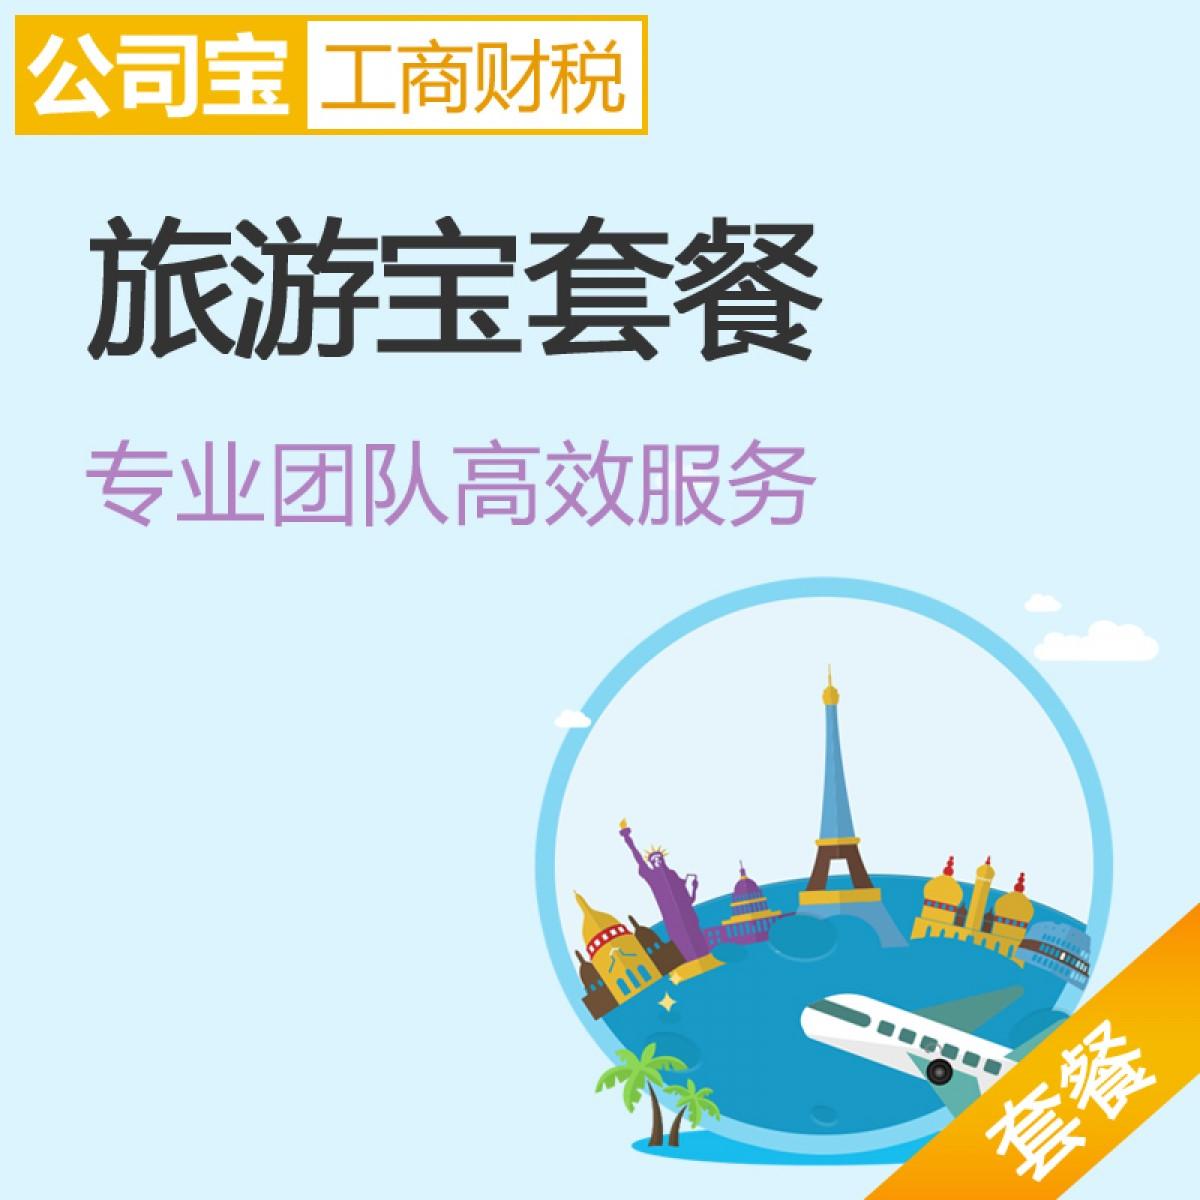 北京旅游宝套餐  内资公司注册+注册地址+国地税报到+小规模纳税人企业代理记账+旅行社经营许可证